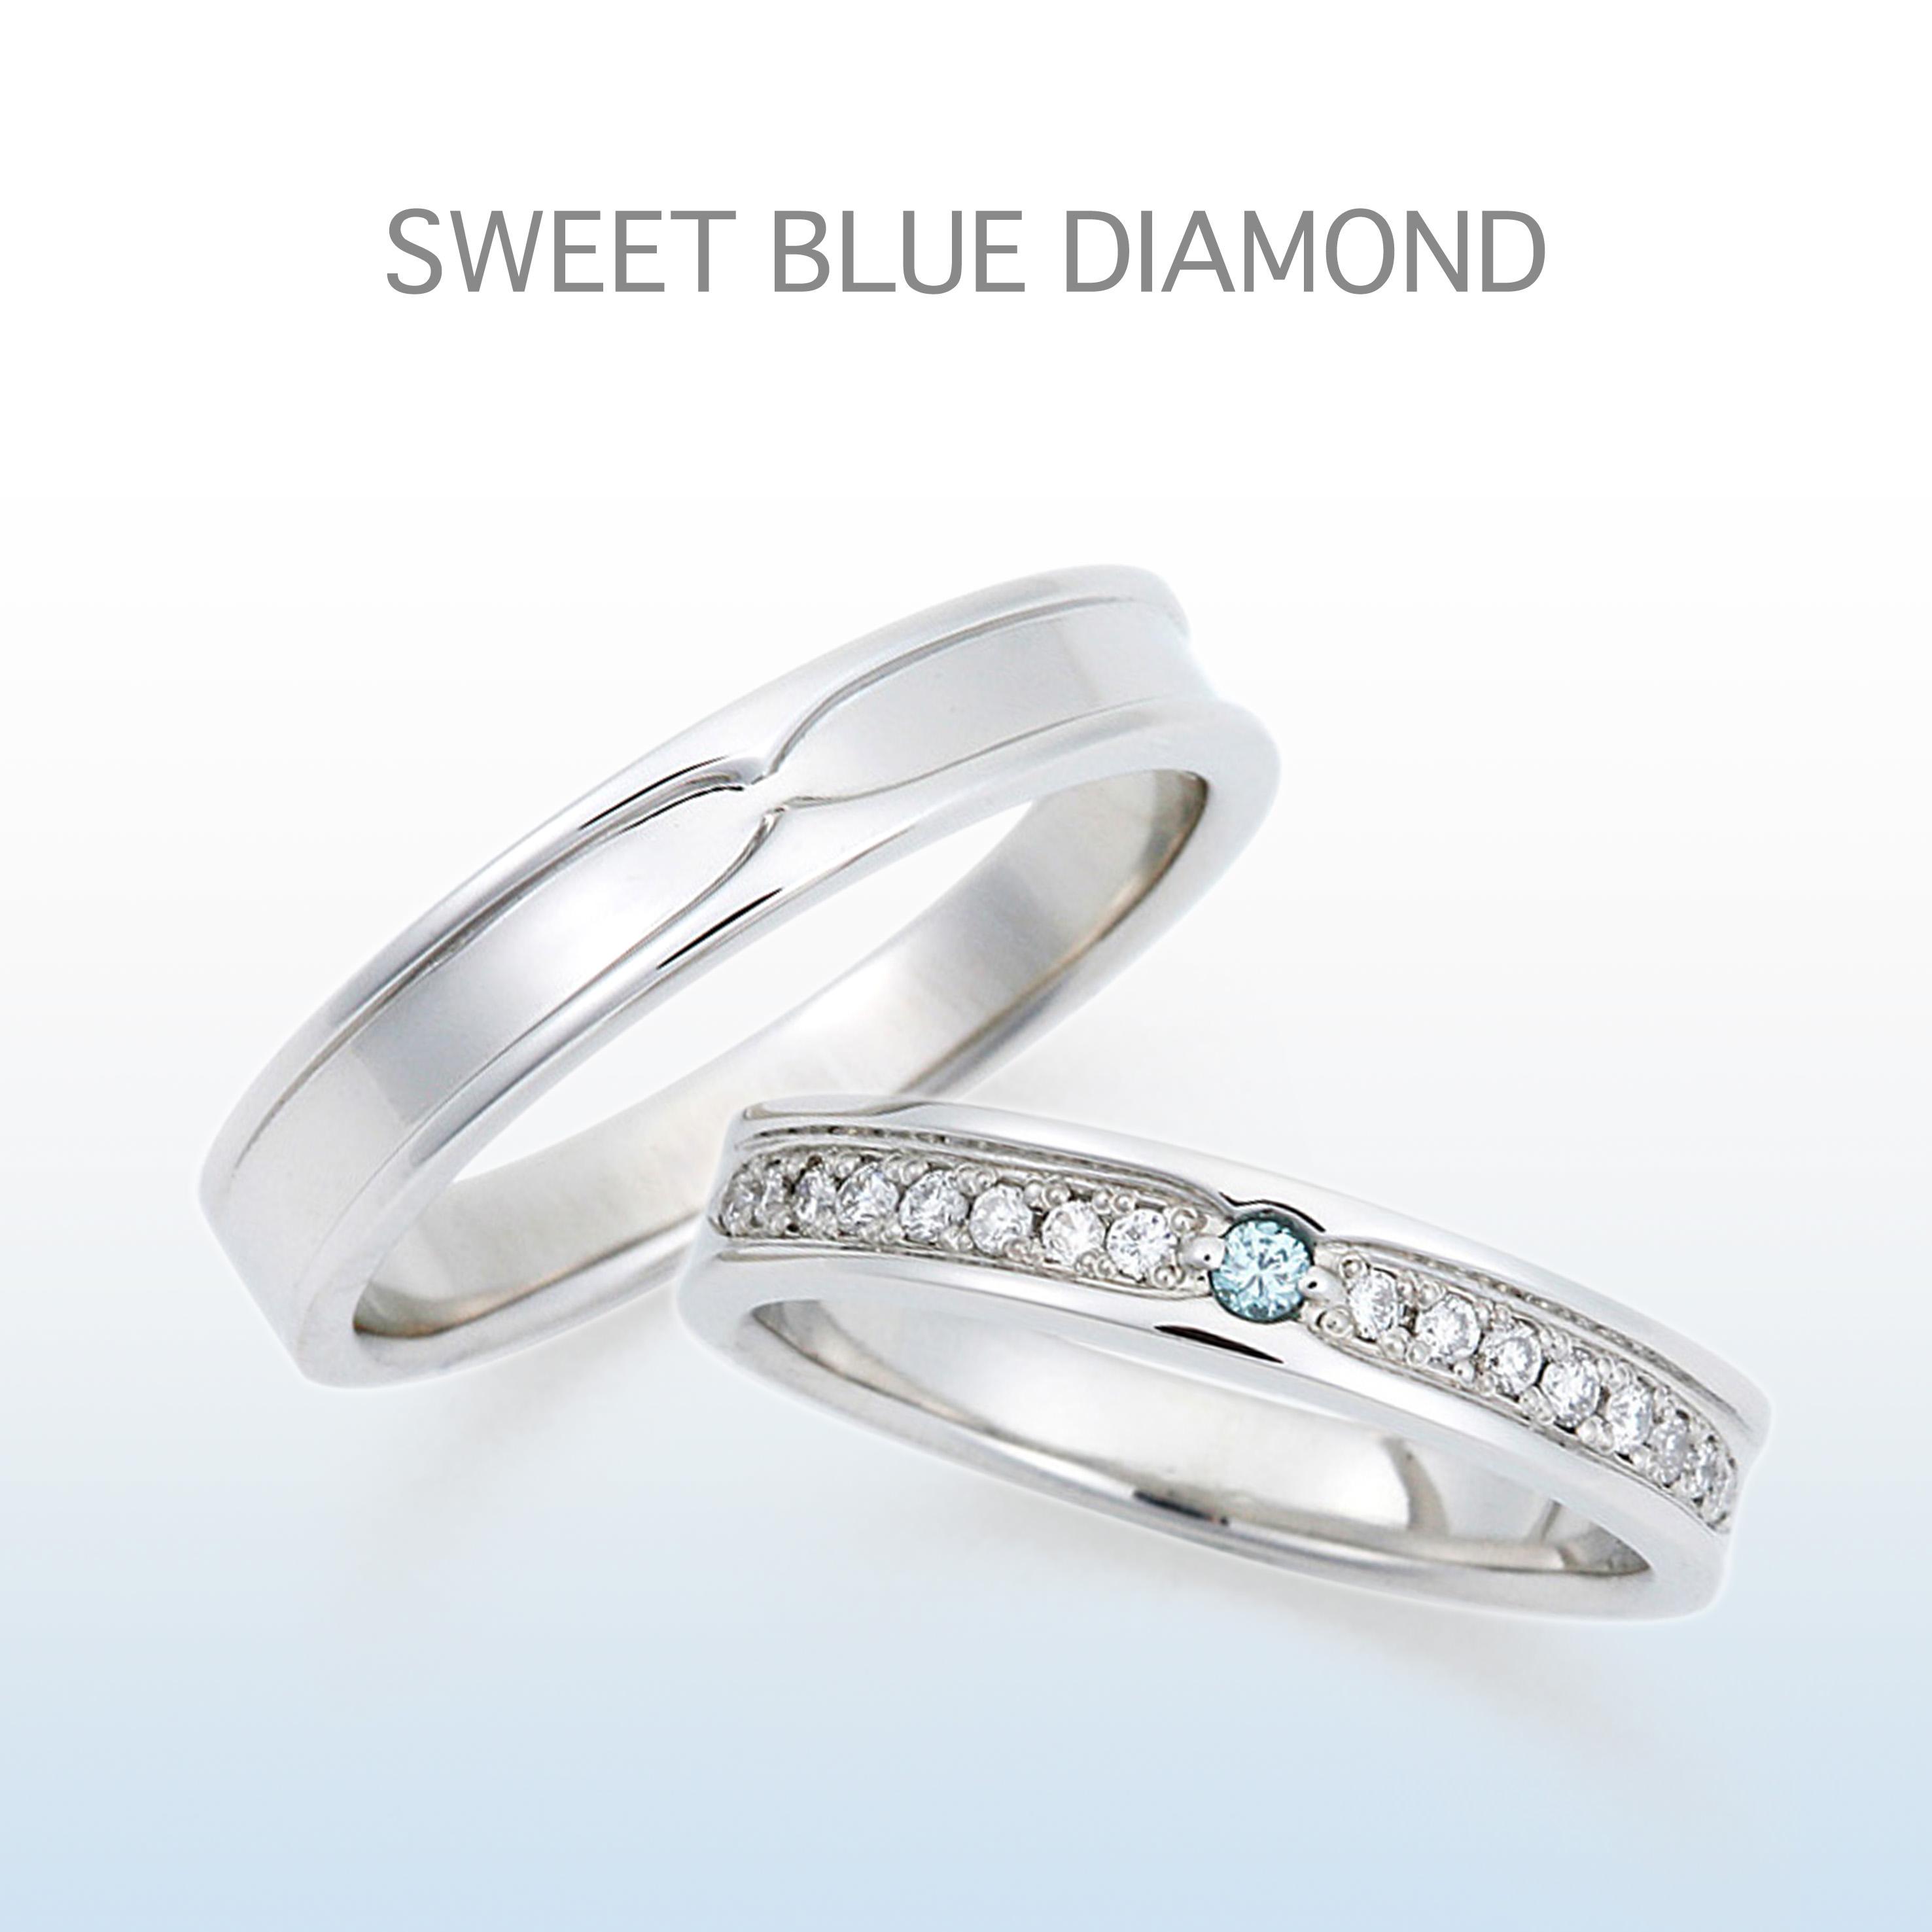 幅が広くレディースのダイヤモンドがゴージャスな結婚指輪。